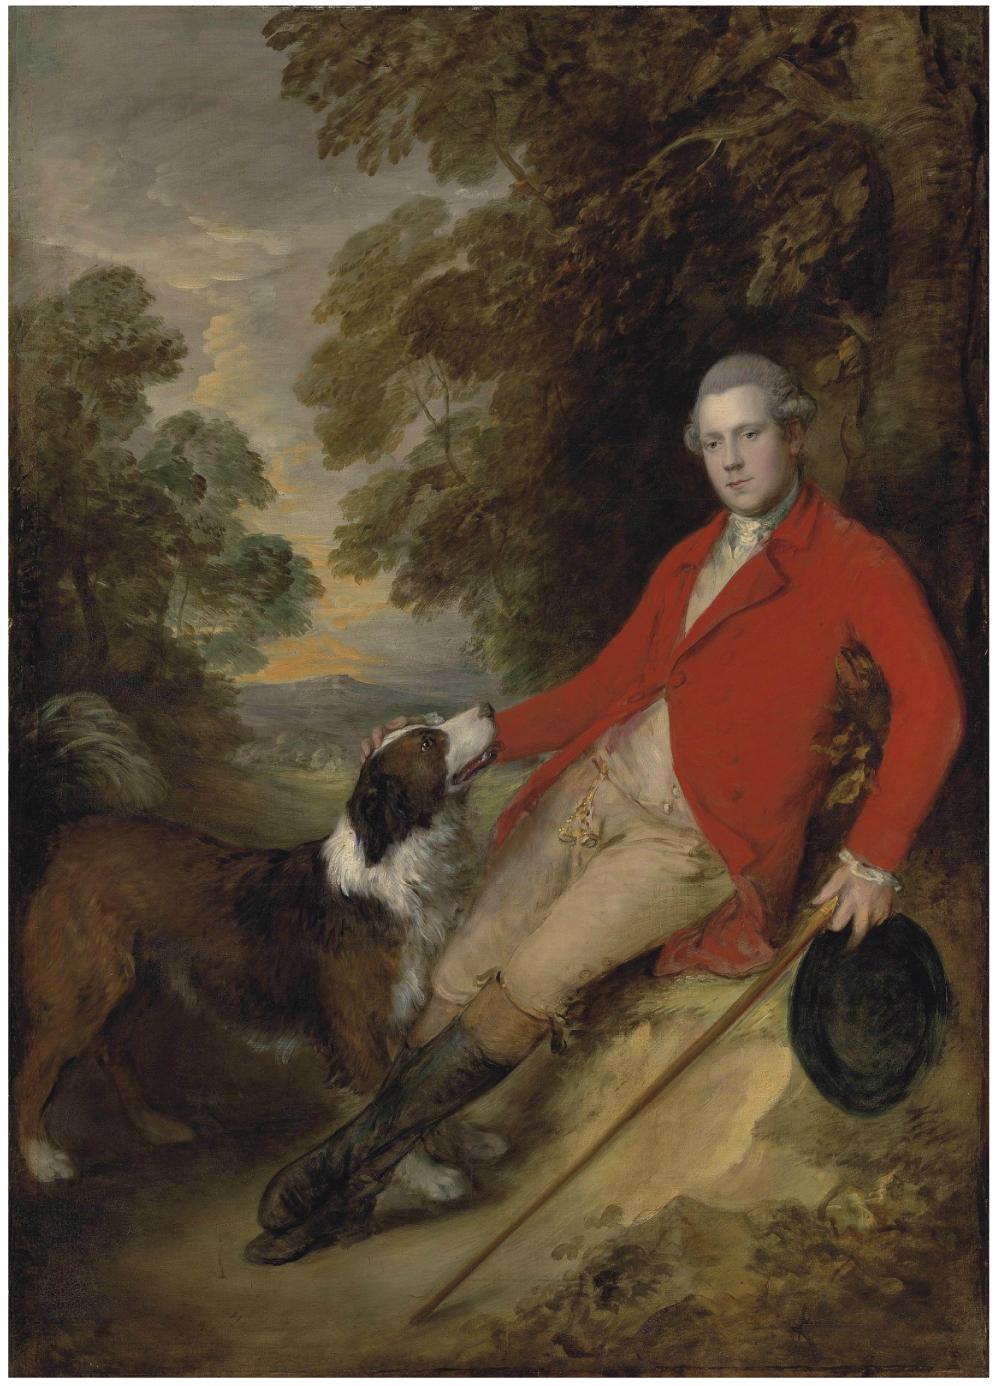 Открытки с репродукциями: Томас Гейнсборо (1727-1788) - Портрет 5 ...